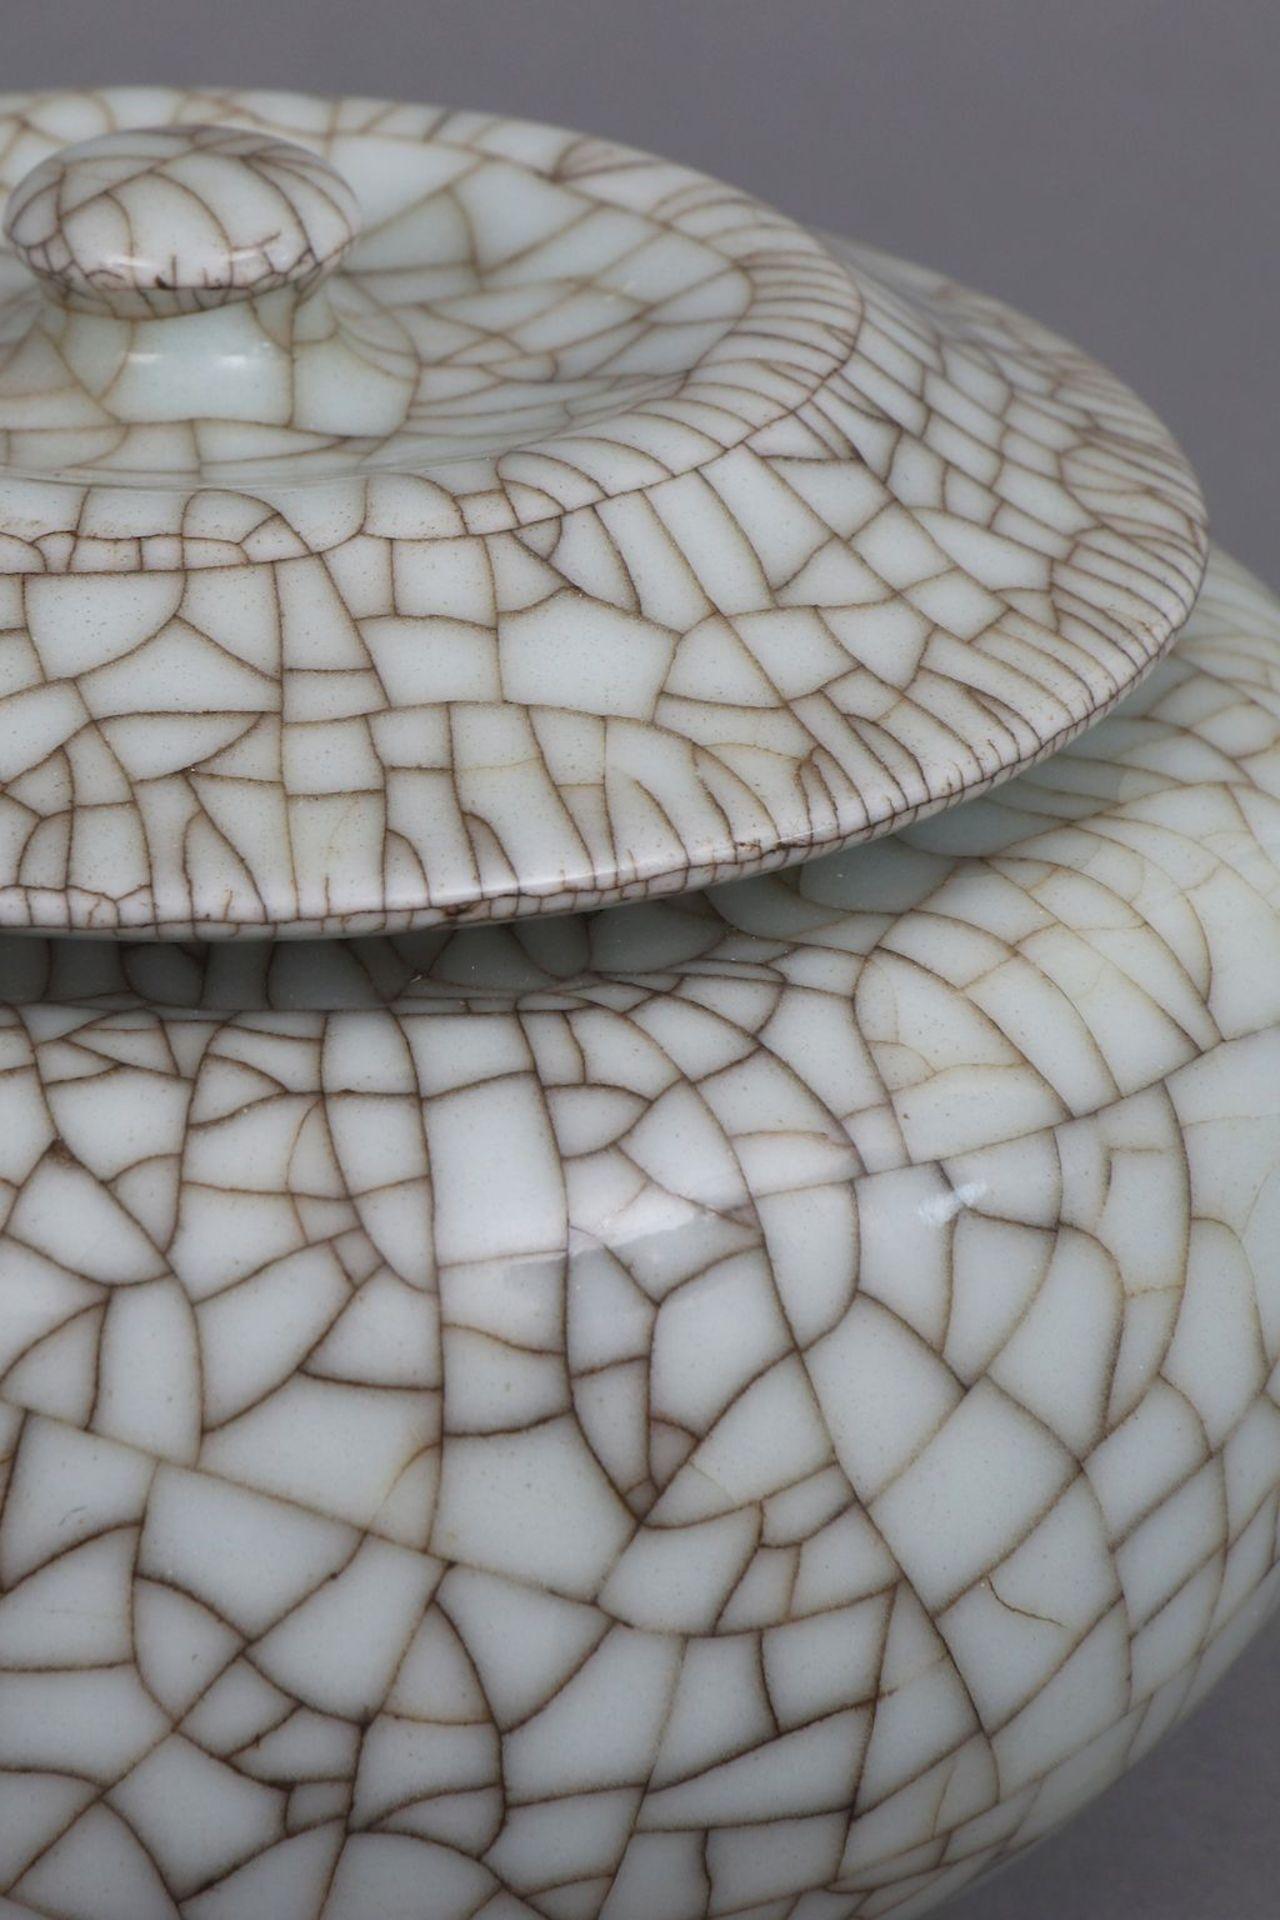 Paar chinesische Deckeldosen mit Seladon-Craqueleeglasur - Bild 2 aus 4